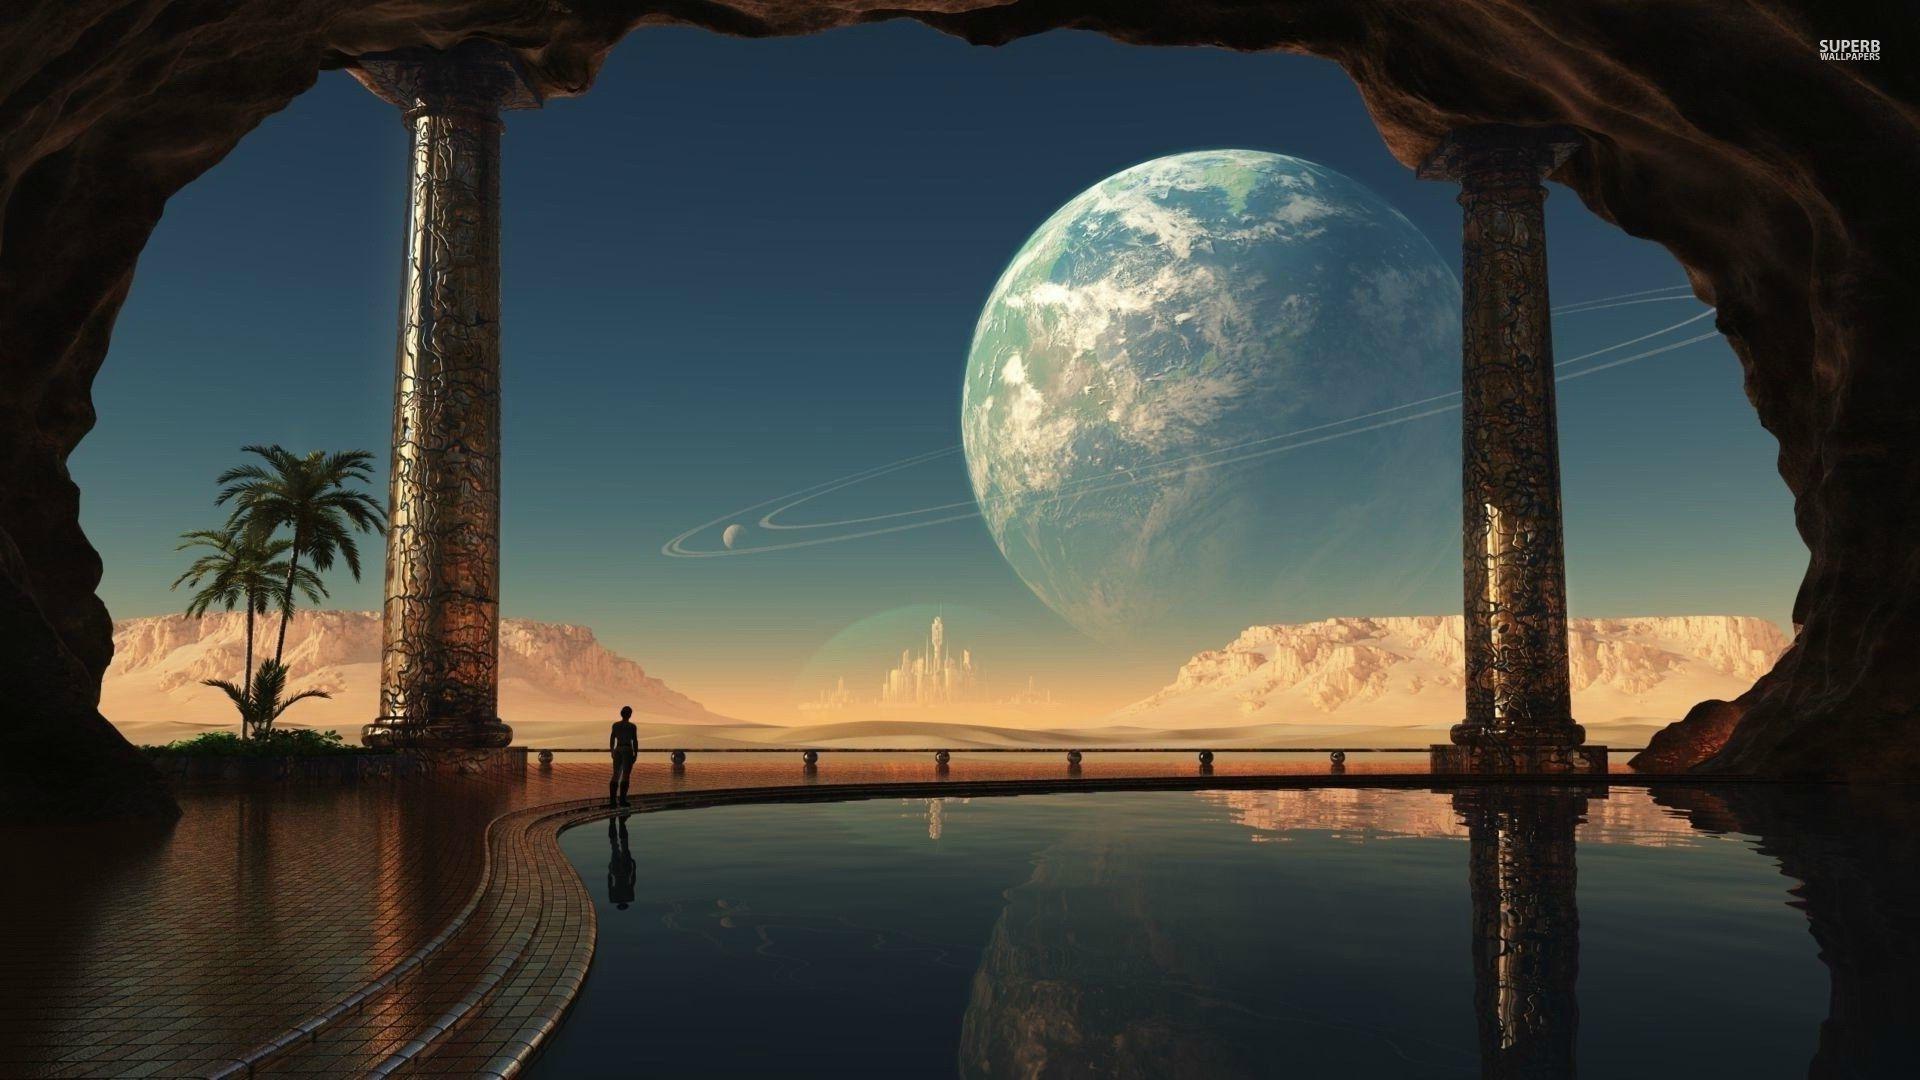 Alien Planet Wallpaper 78 Images